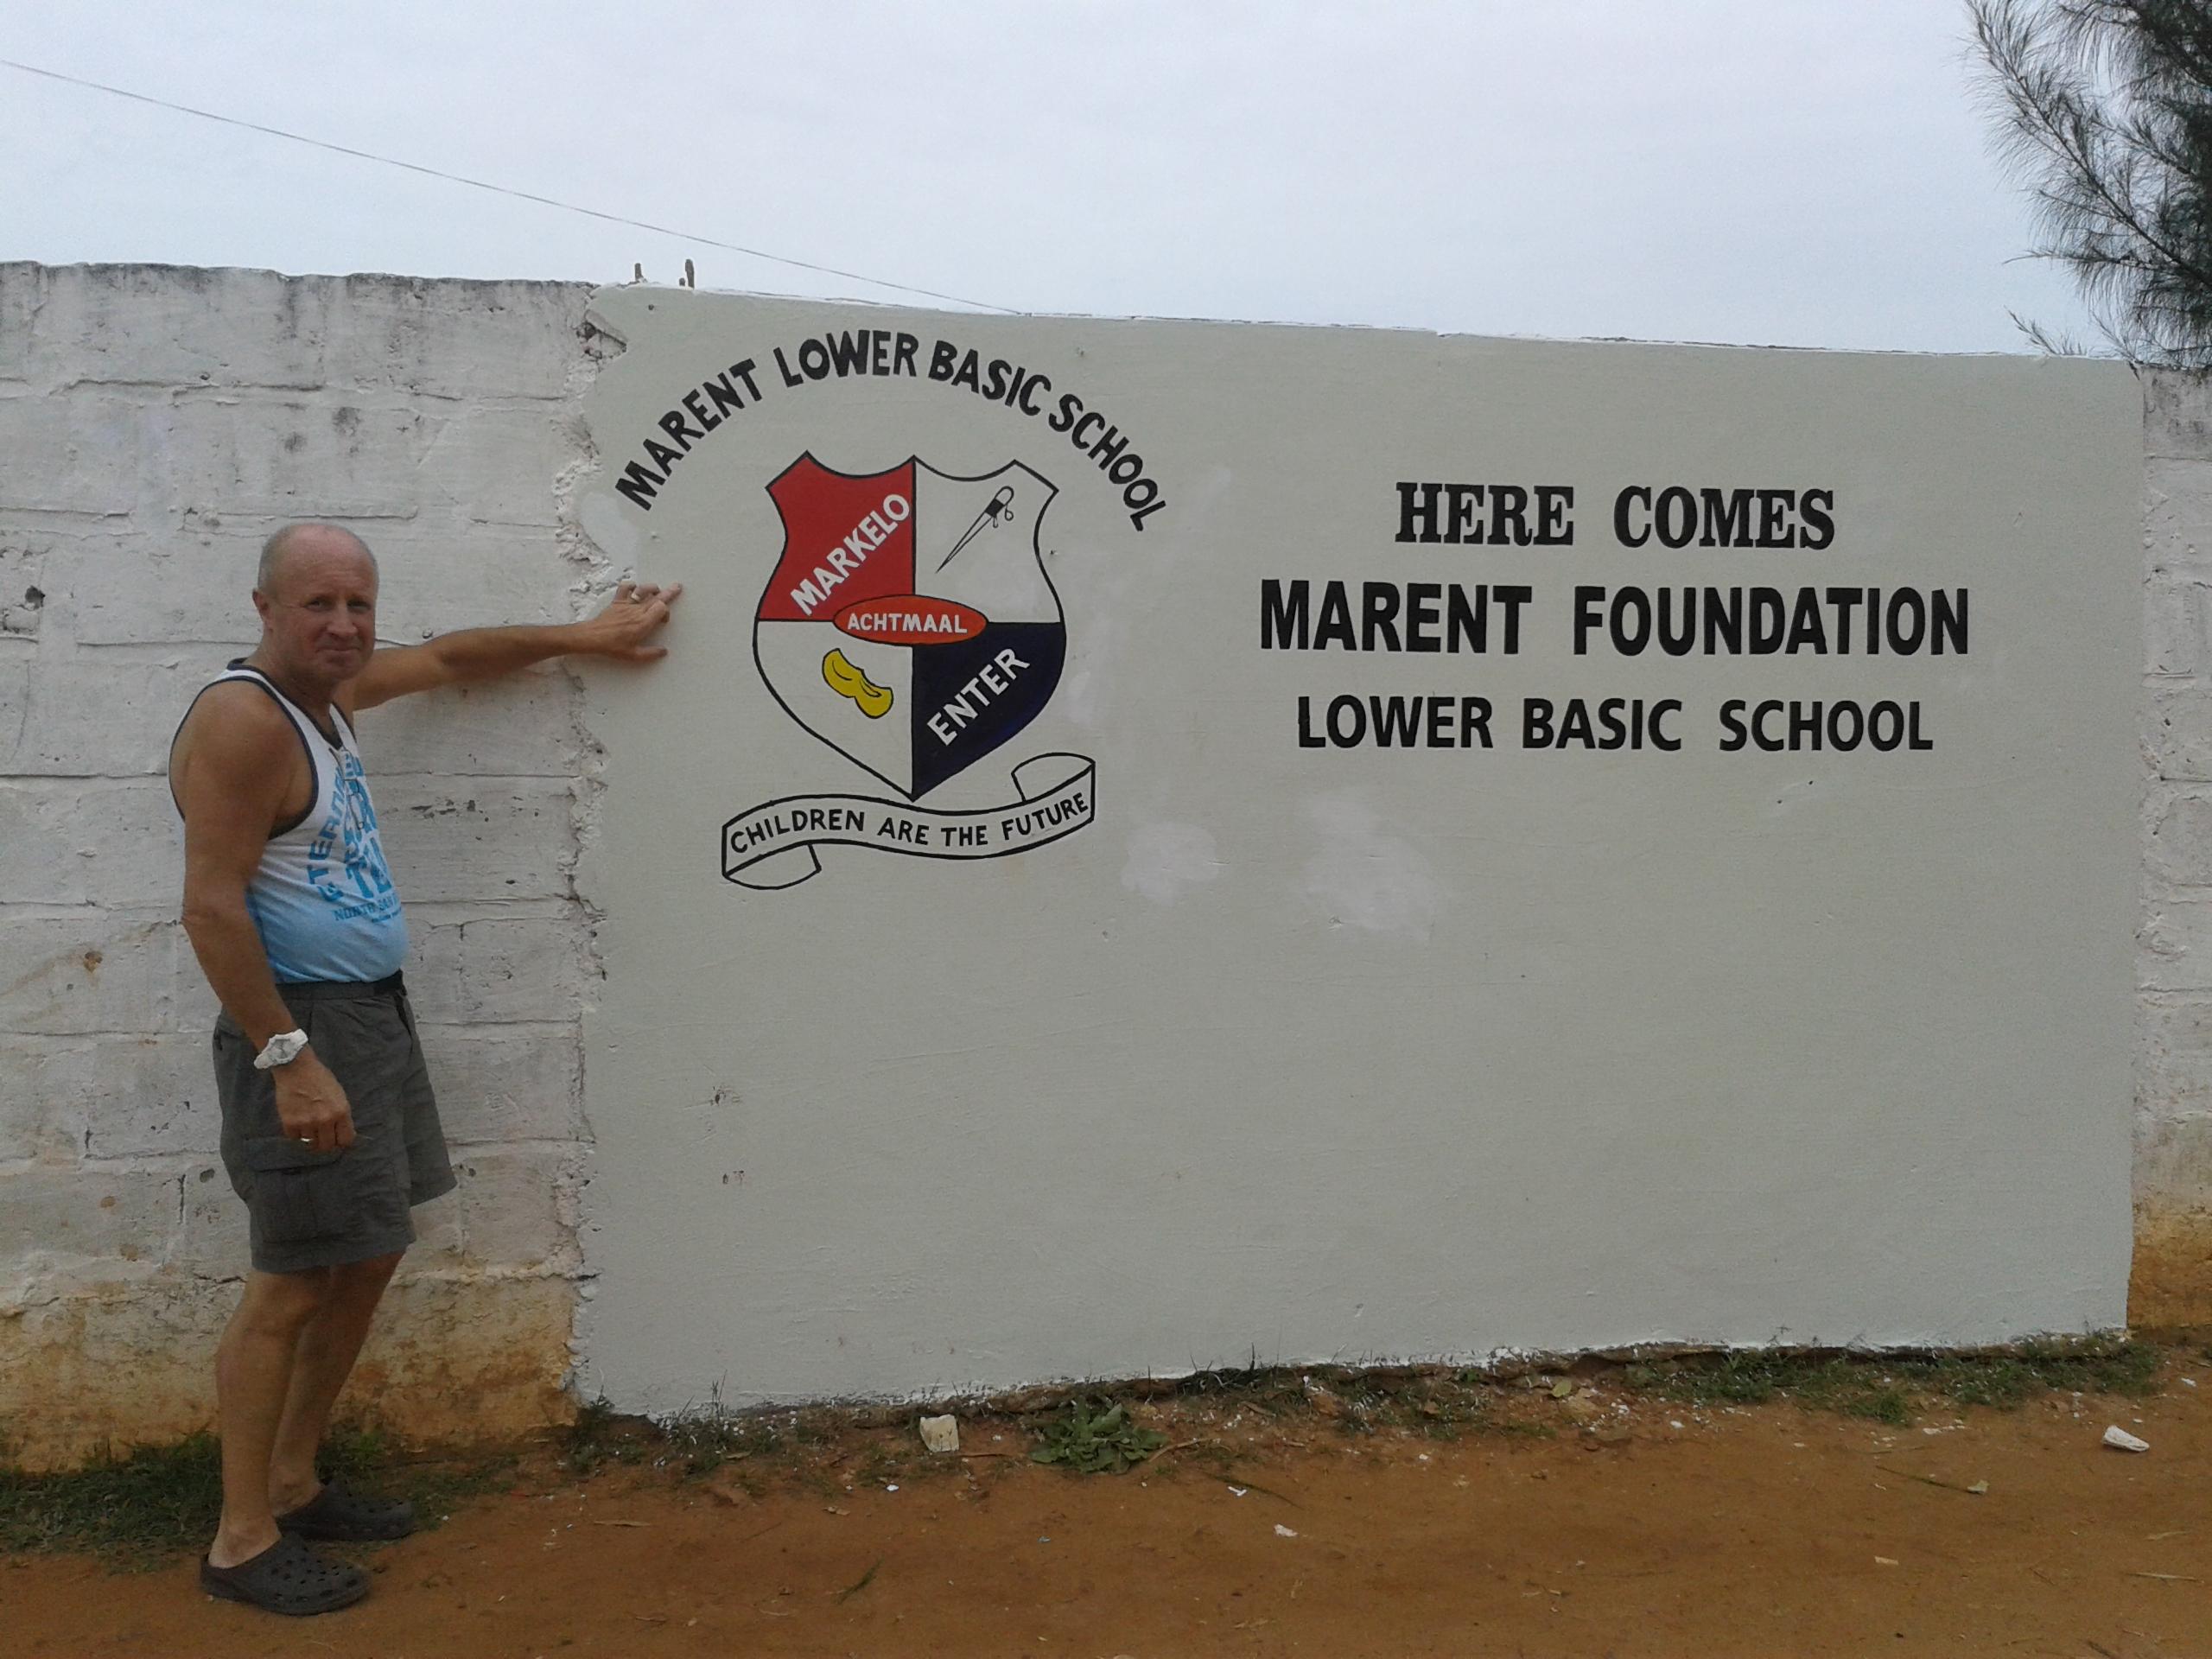 De bouw van onze lagere school is begonnen